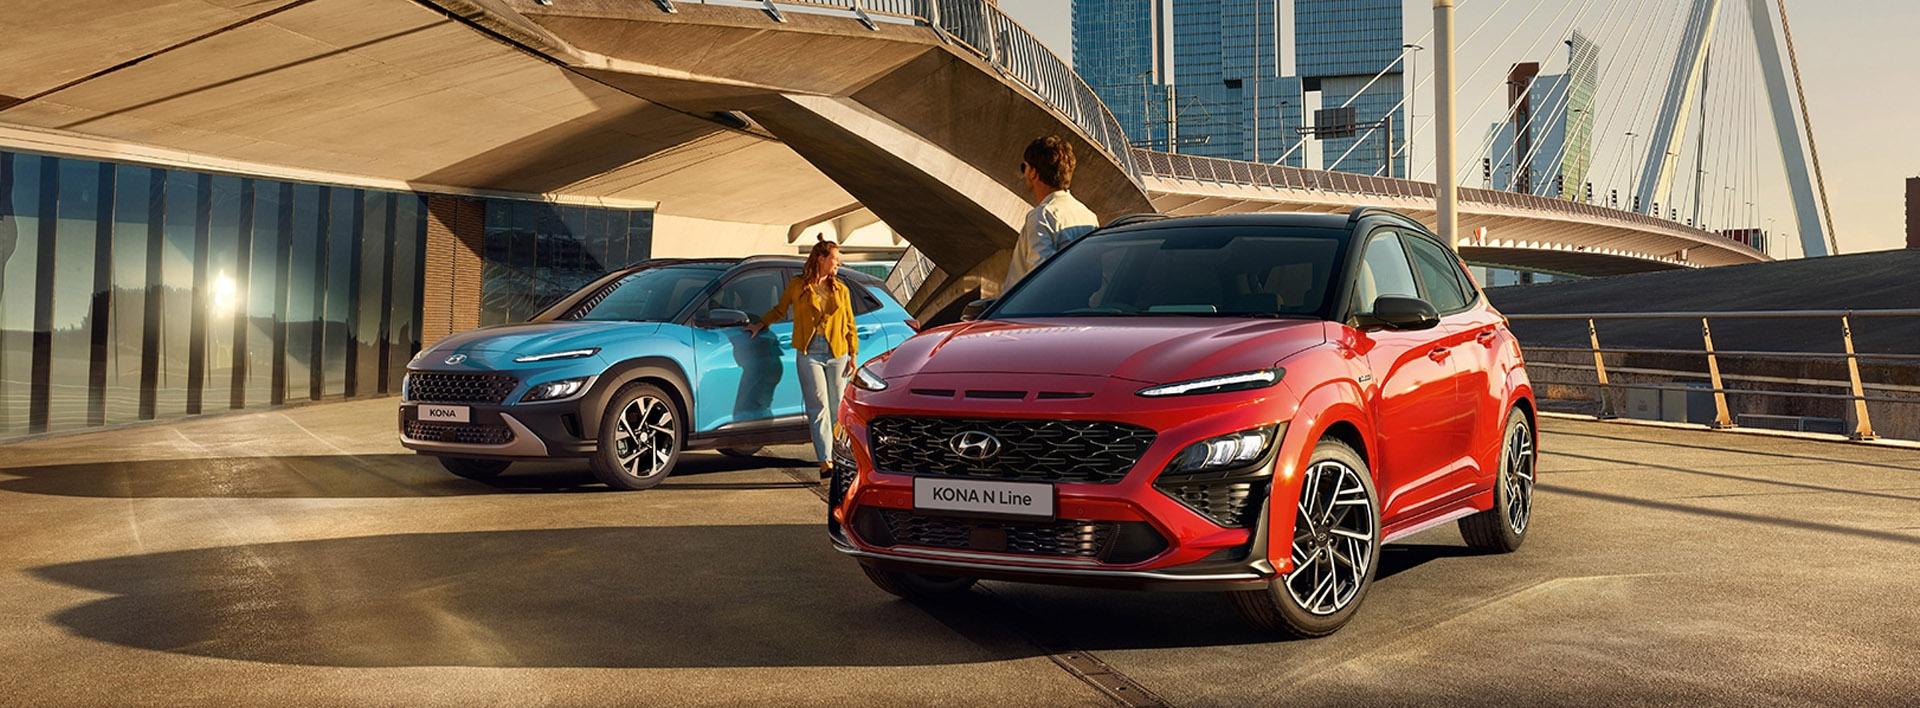 Hyundai New Cars Range